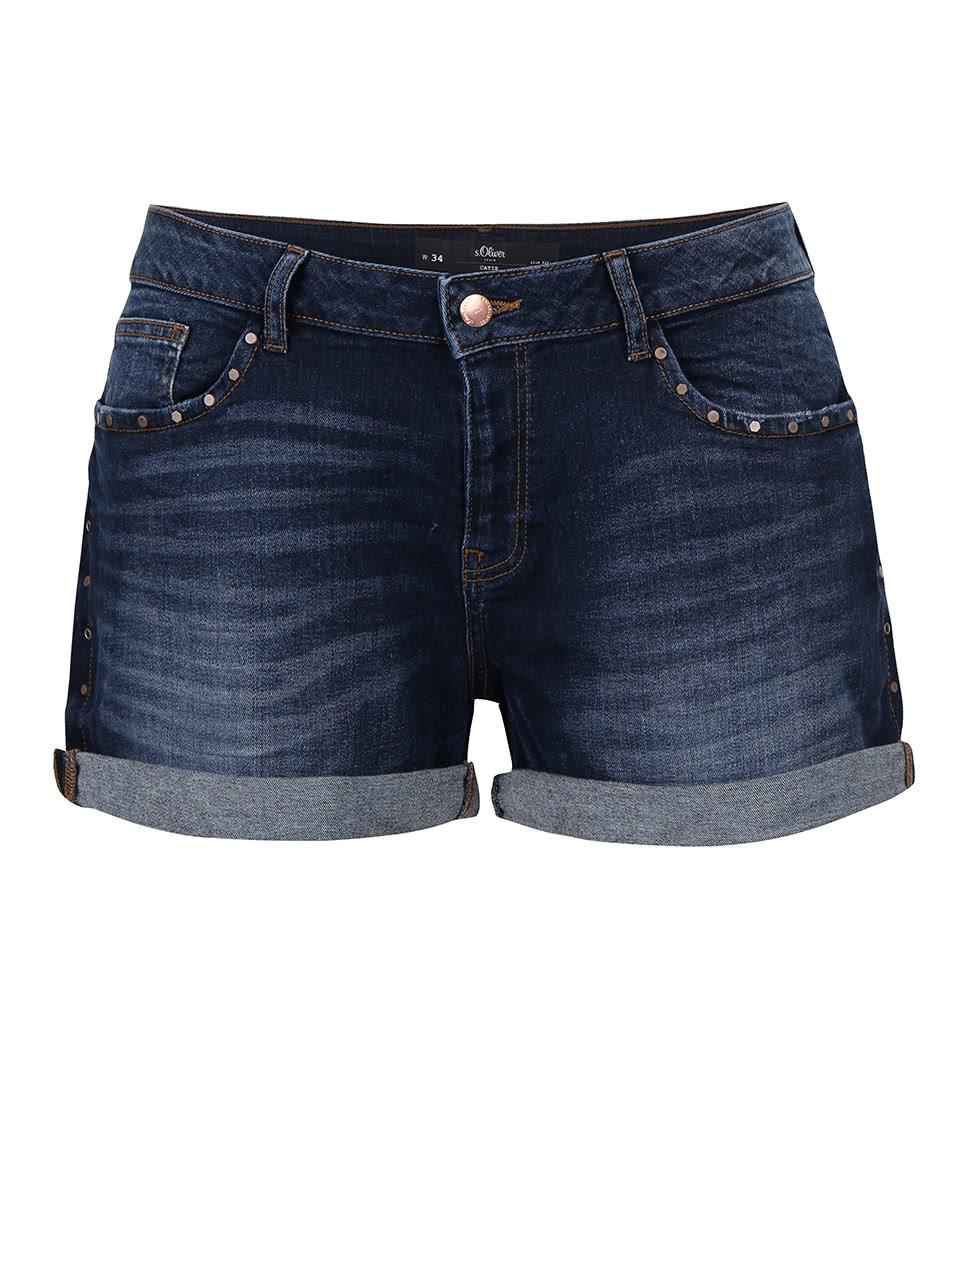 Tmavě modré dámské džínové kraťasy s cvoky s.Oliver  340da53407